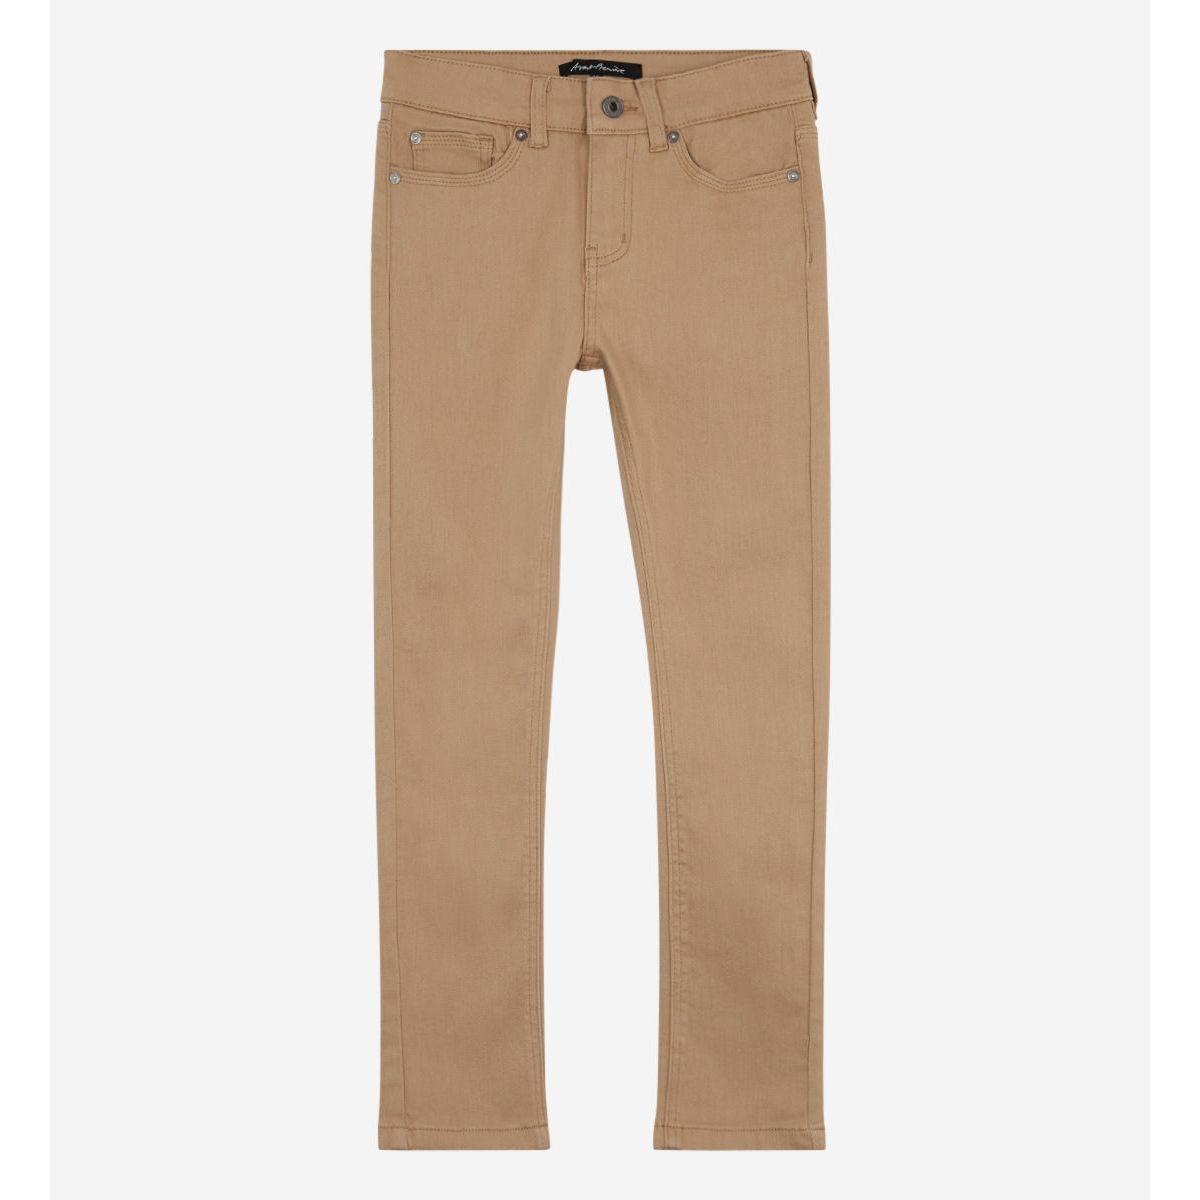 Pantalon Coton Stretch Zuflex